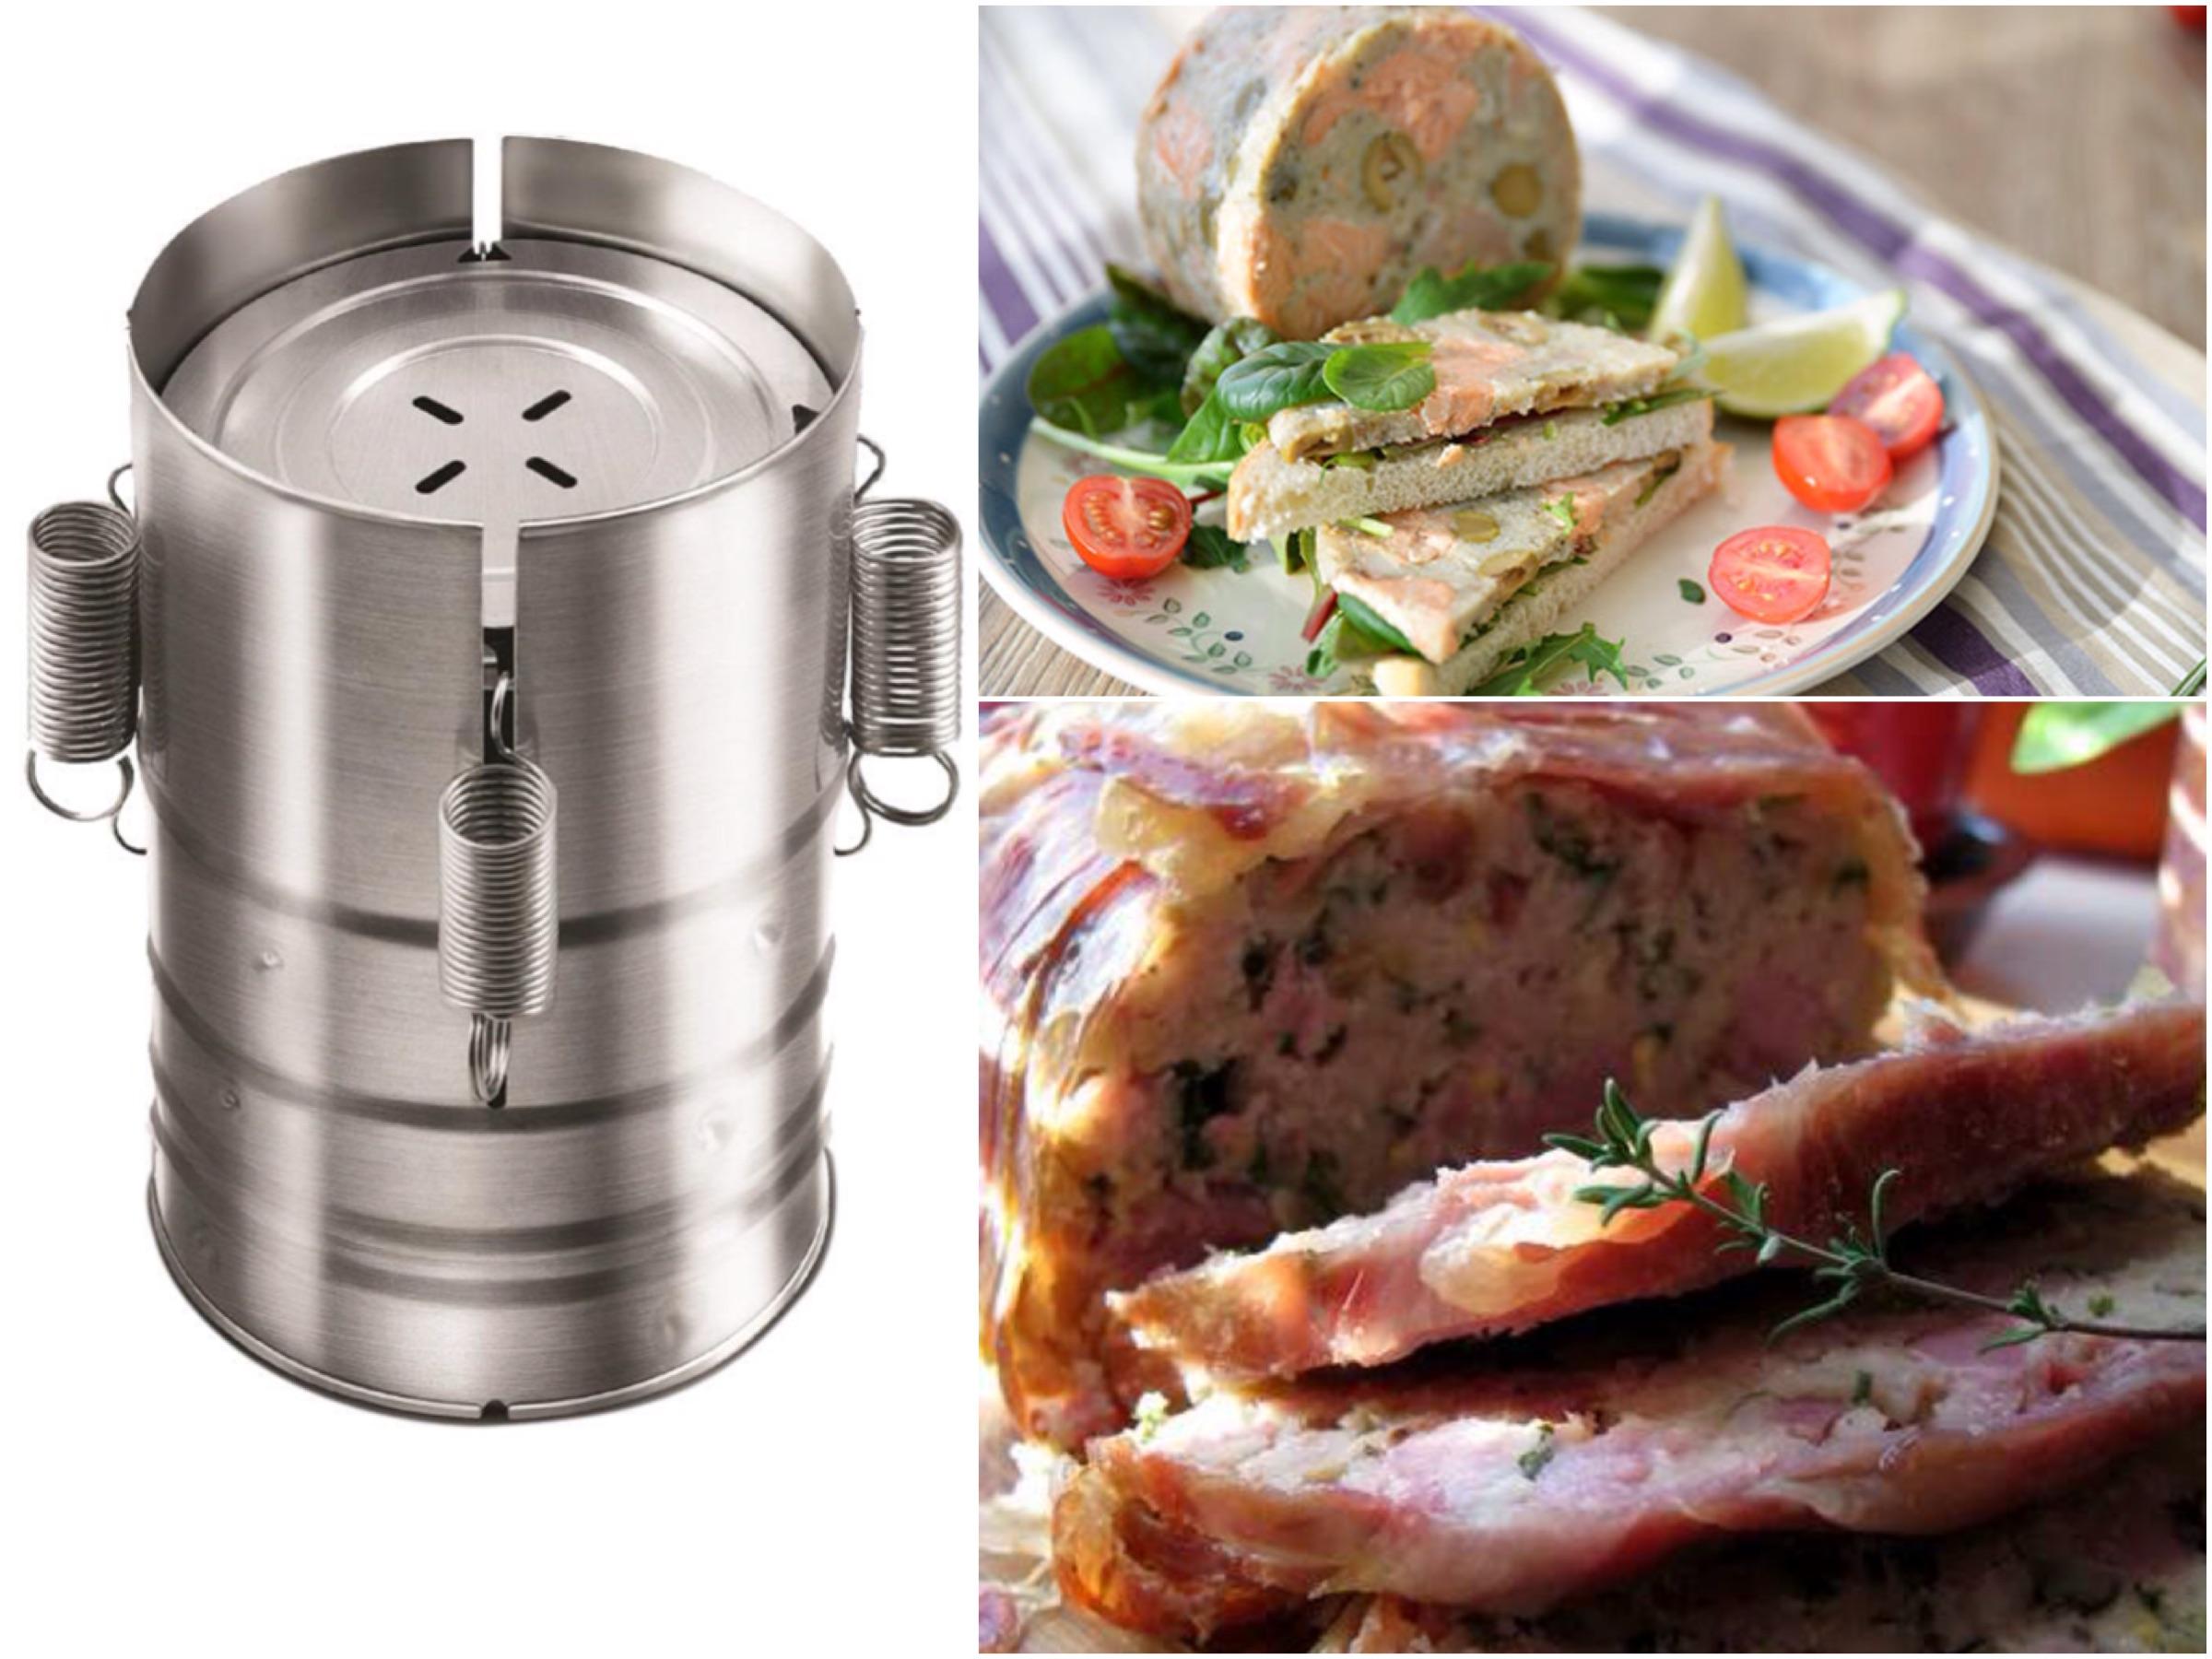 Ветчинница Redmond: заменяем вредную покупную колбасу на домашнюю натуральную рыбную ветчину – 3 рецепта